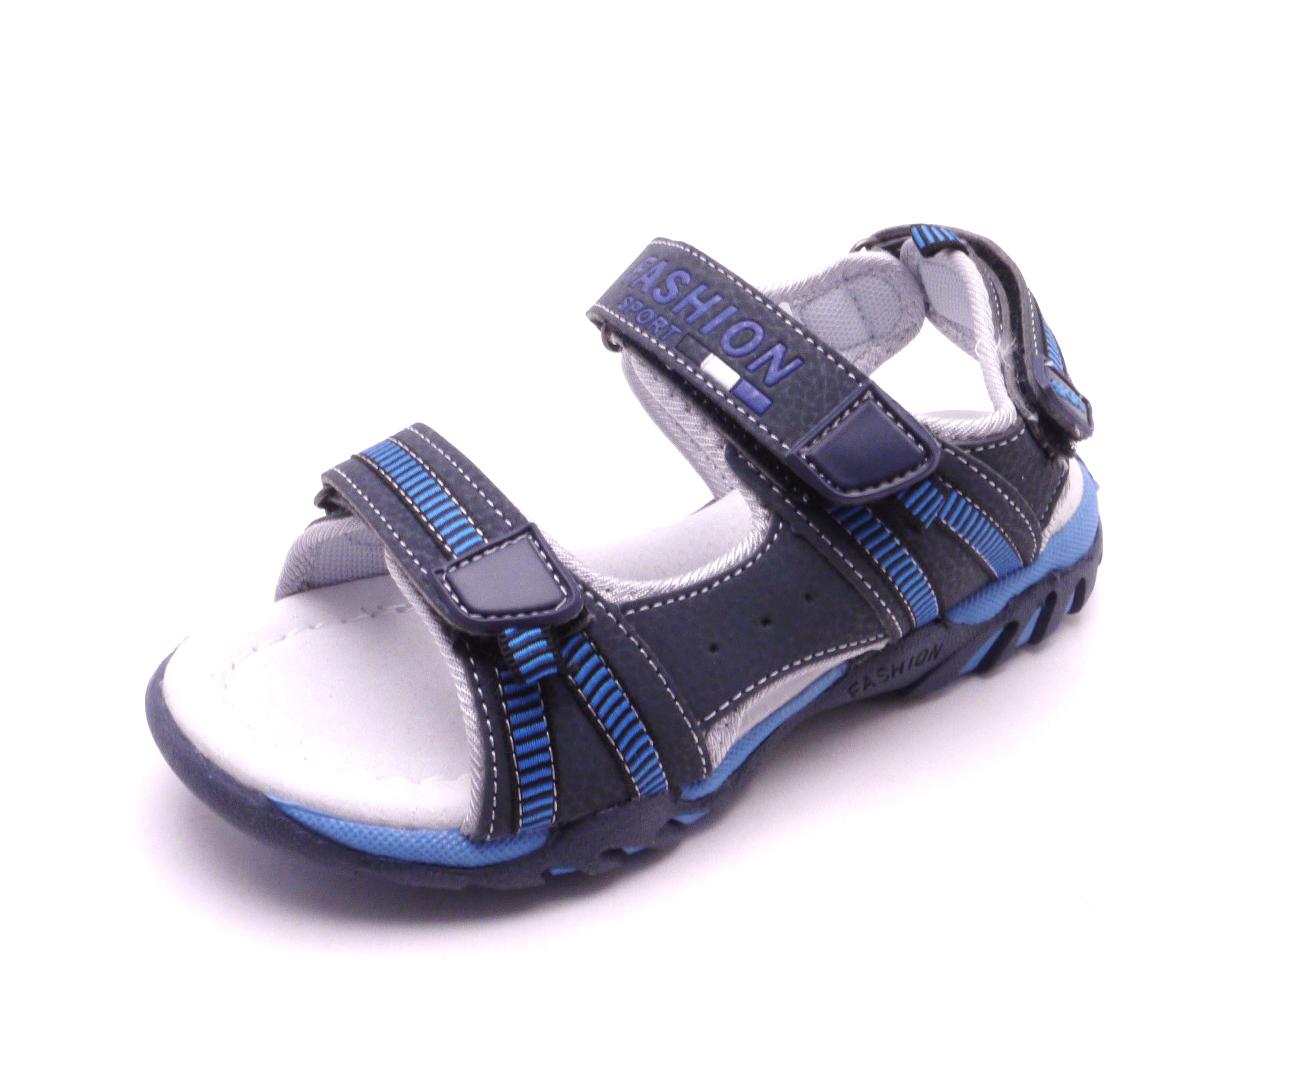 Obutex Dětské sandálky tmavě modré S217002 Velikost  32 876a07e3be